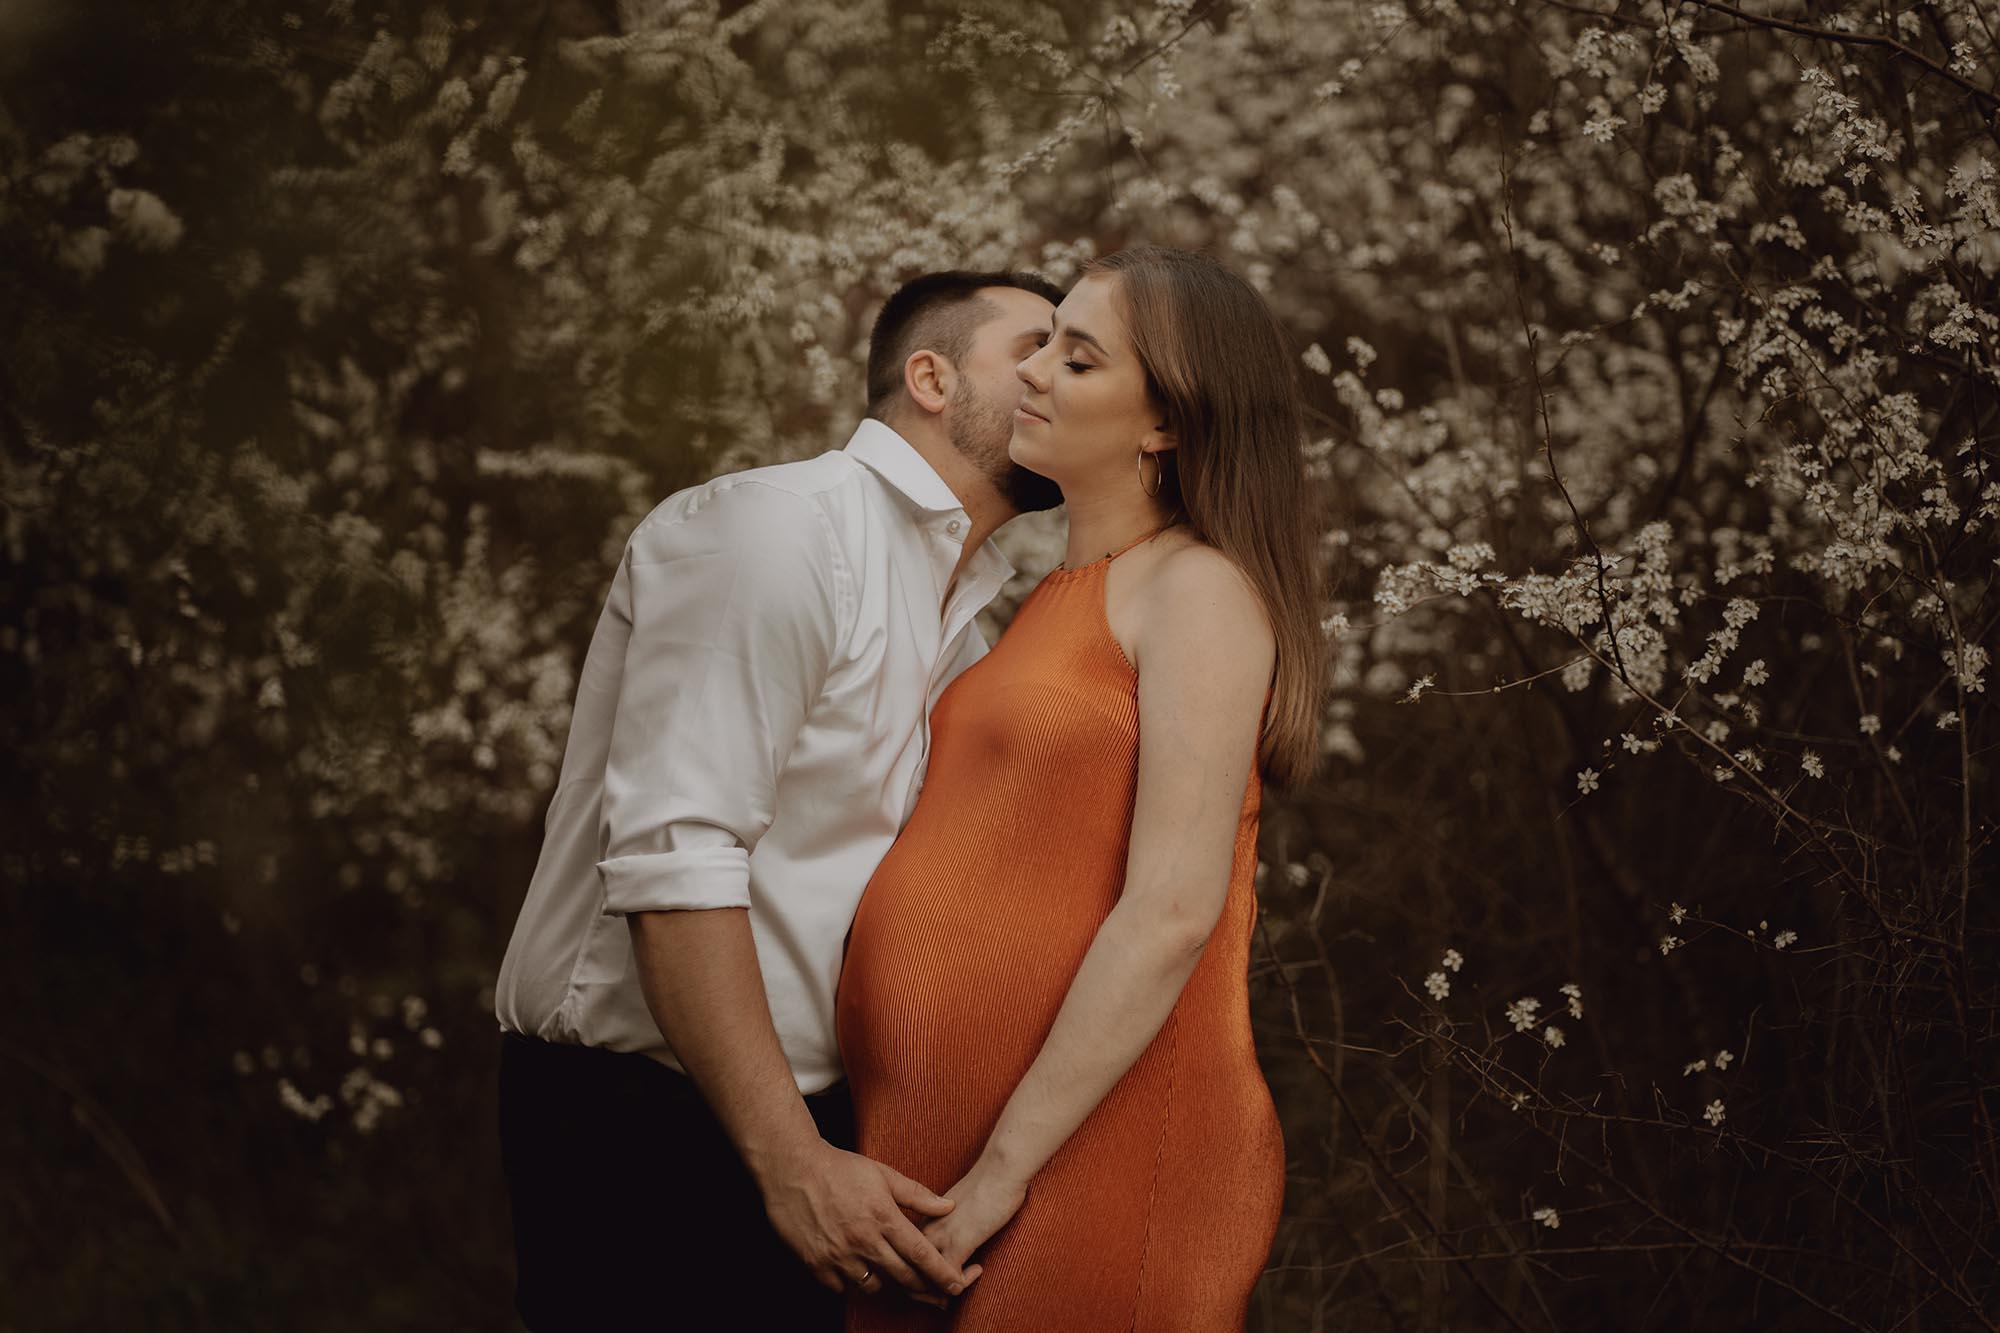 Wiosenna sesja ciazowa kielce00032 - Wiosenna sesja ciążowa